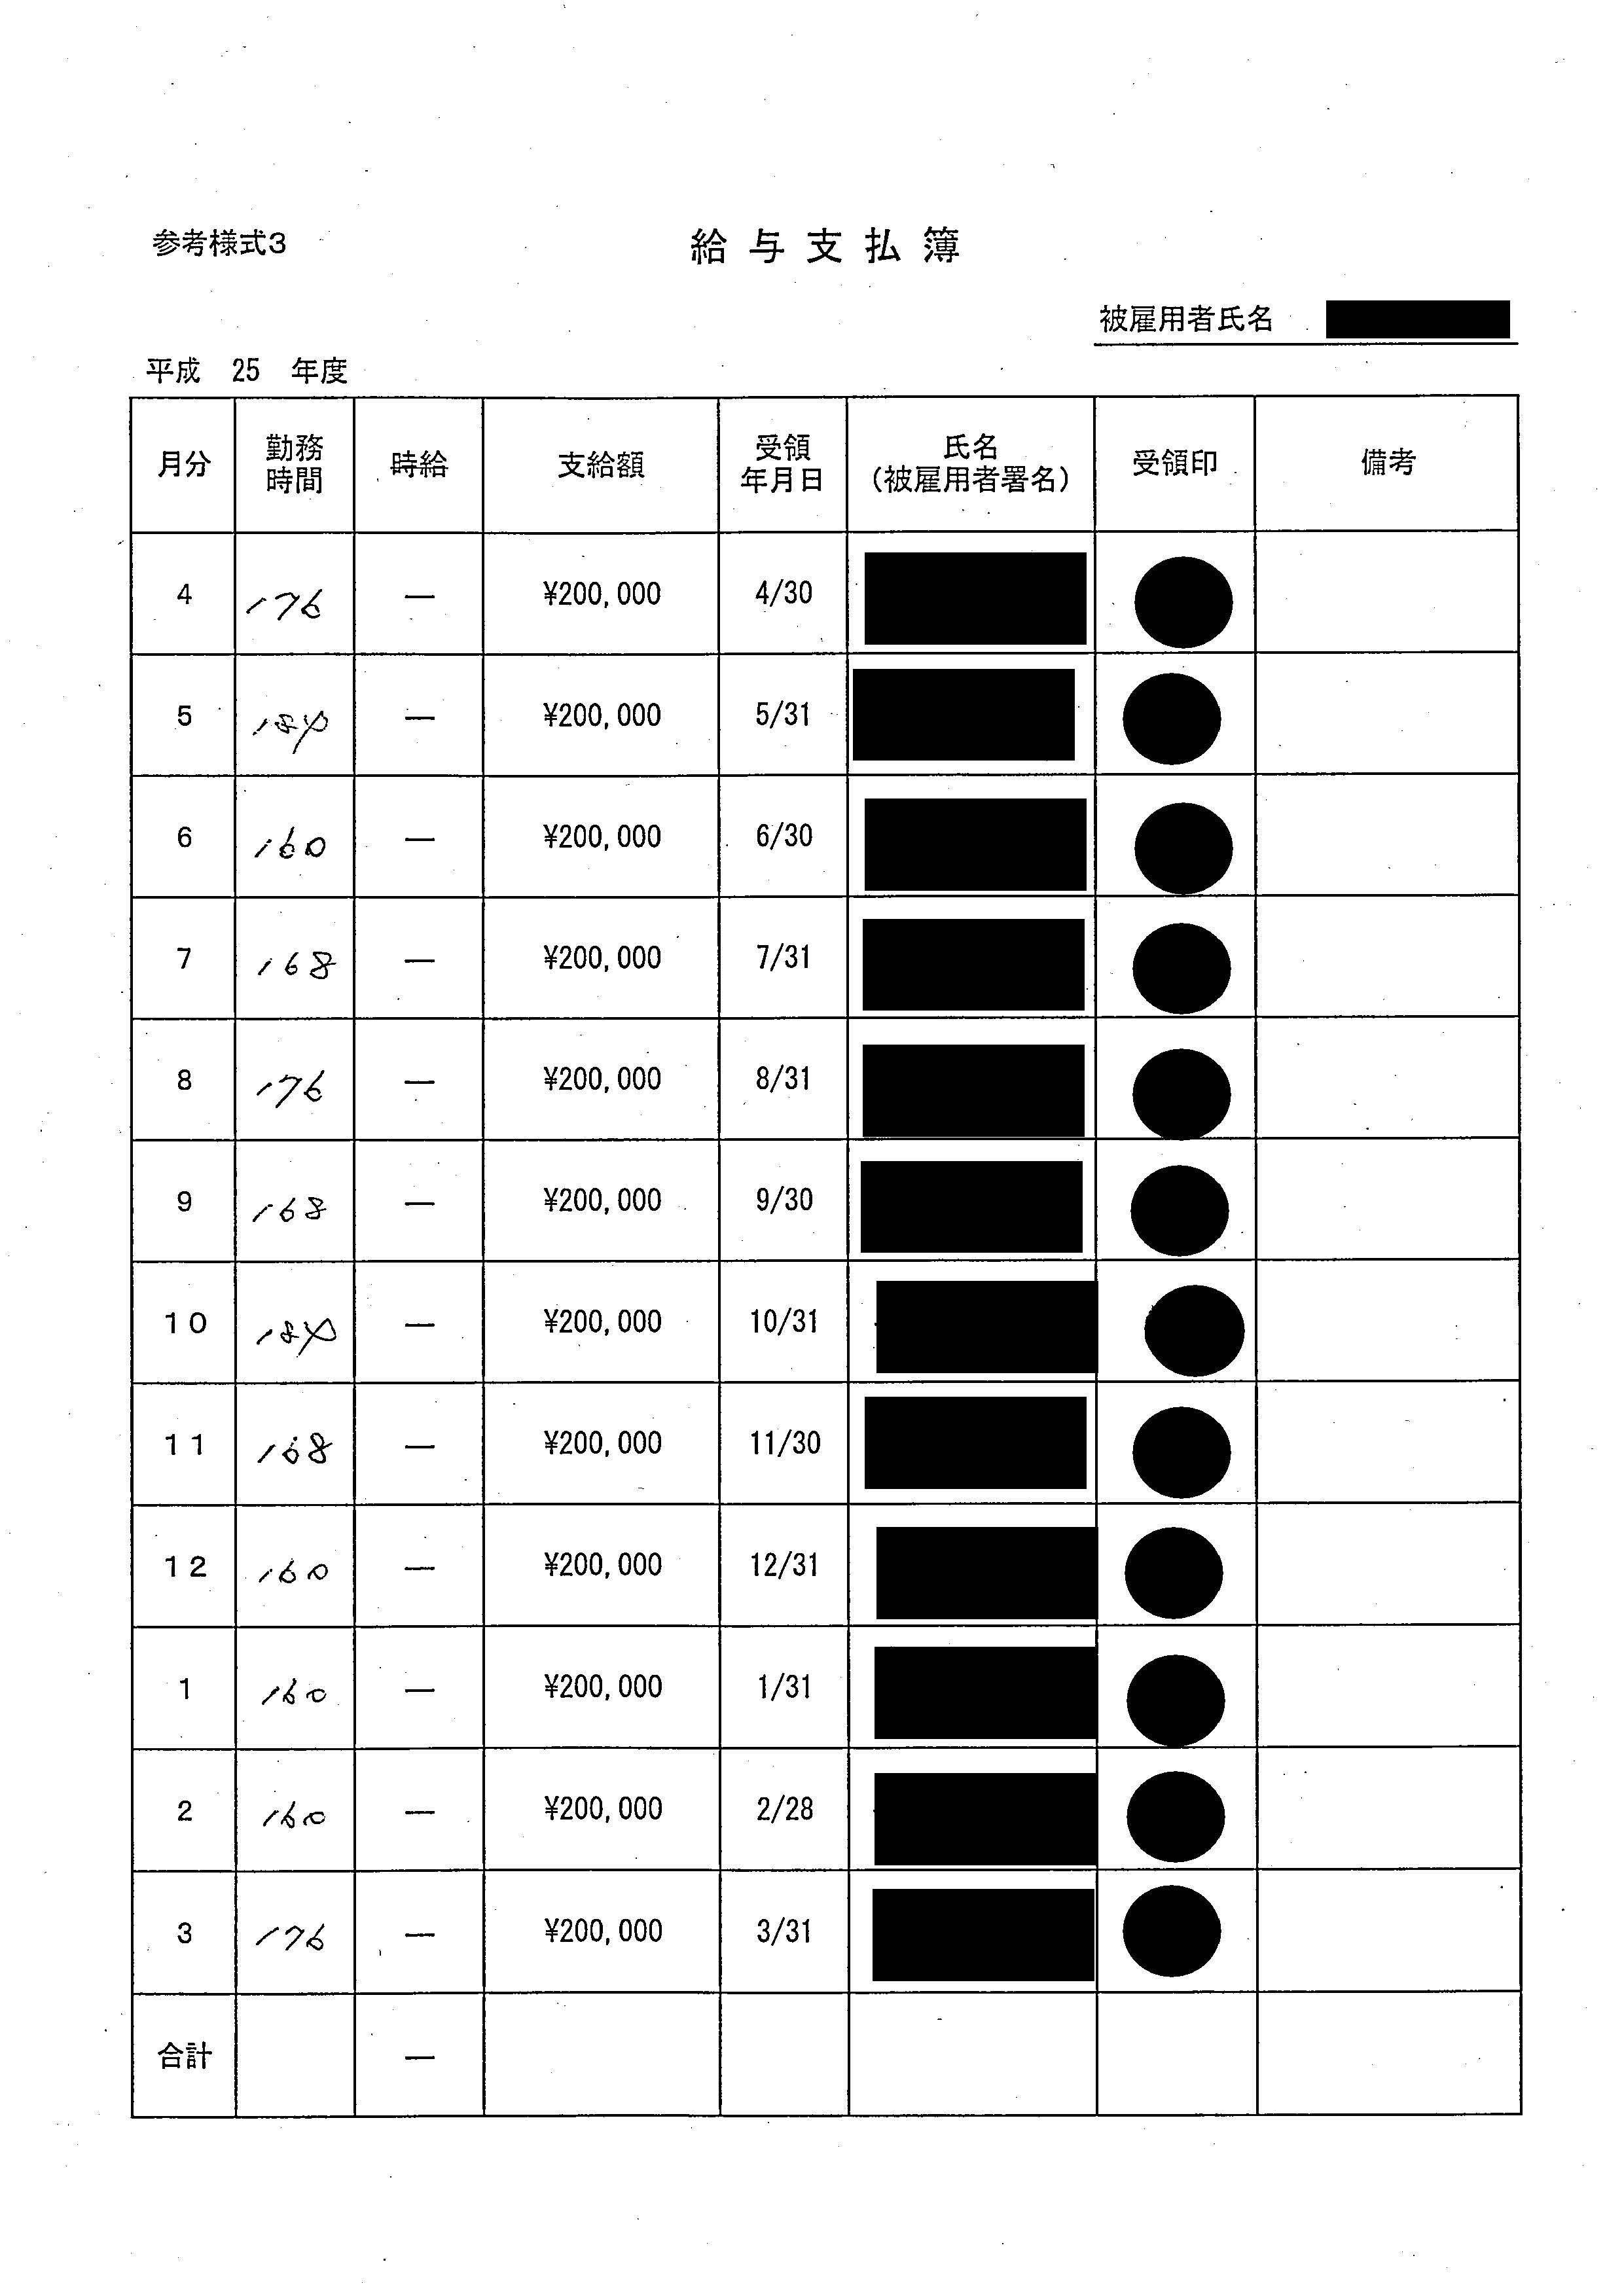 柴田高伸愛知県議 親族に政務調査費 寄付で還流か_d0011701_01145871.jpg